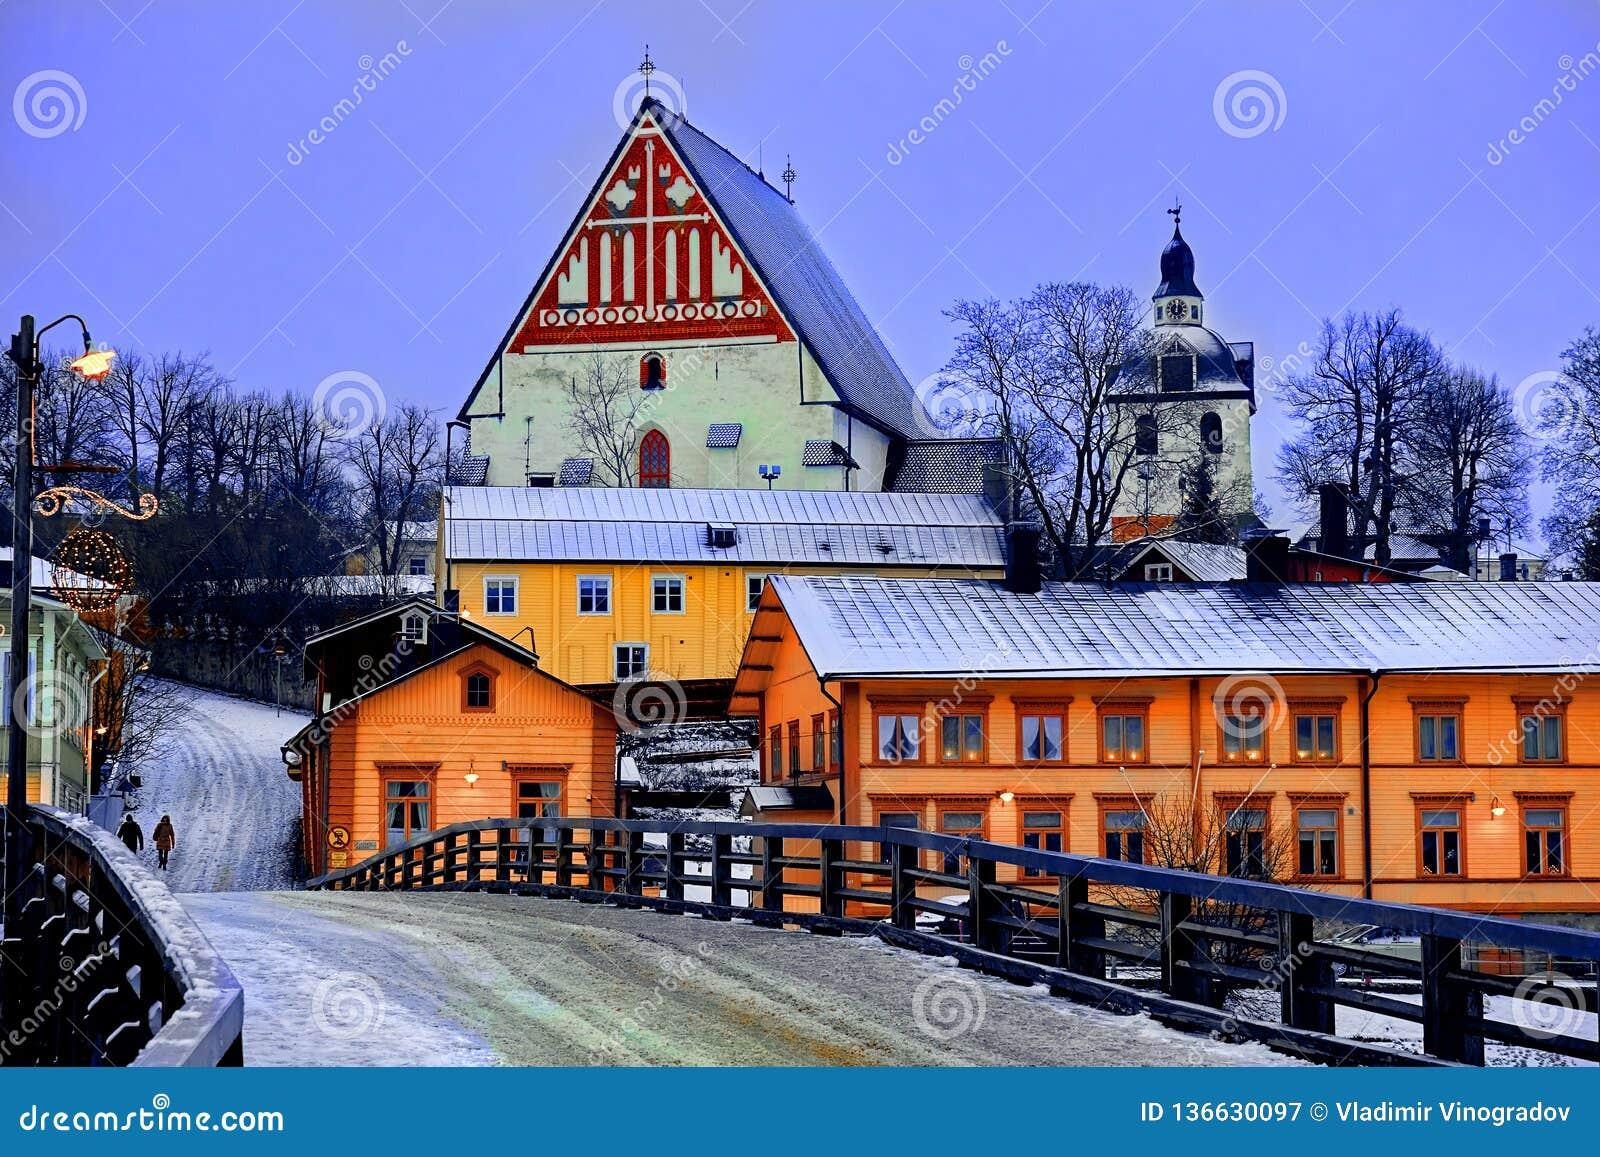 Παλαιό ιστορικό Porvoo, Φινλανδία με τα ξύλινα σπίτια και μεσαιωνικός καθεδρικός ναός Porvoo πετρών και τούβλου κάτω από το άσπρο